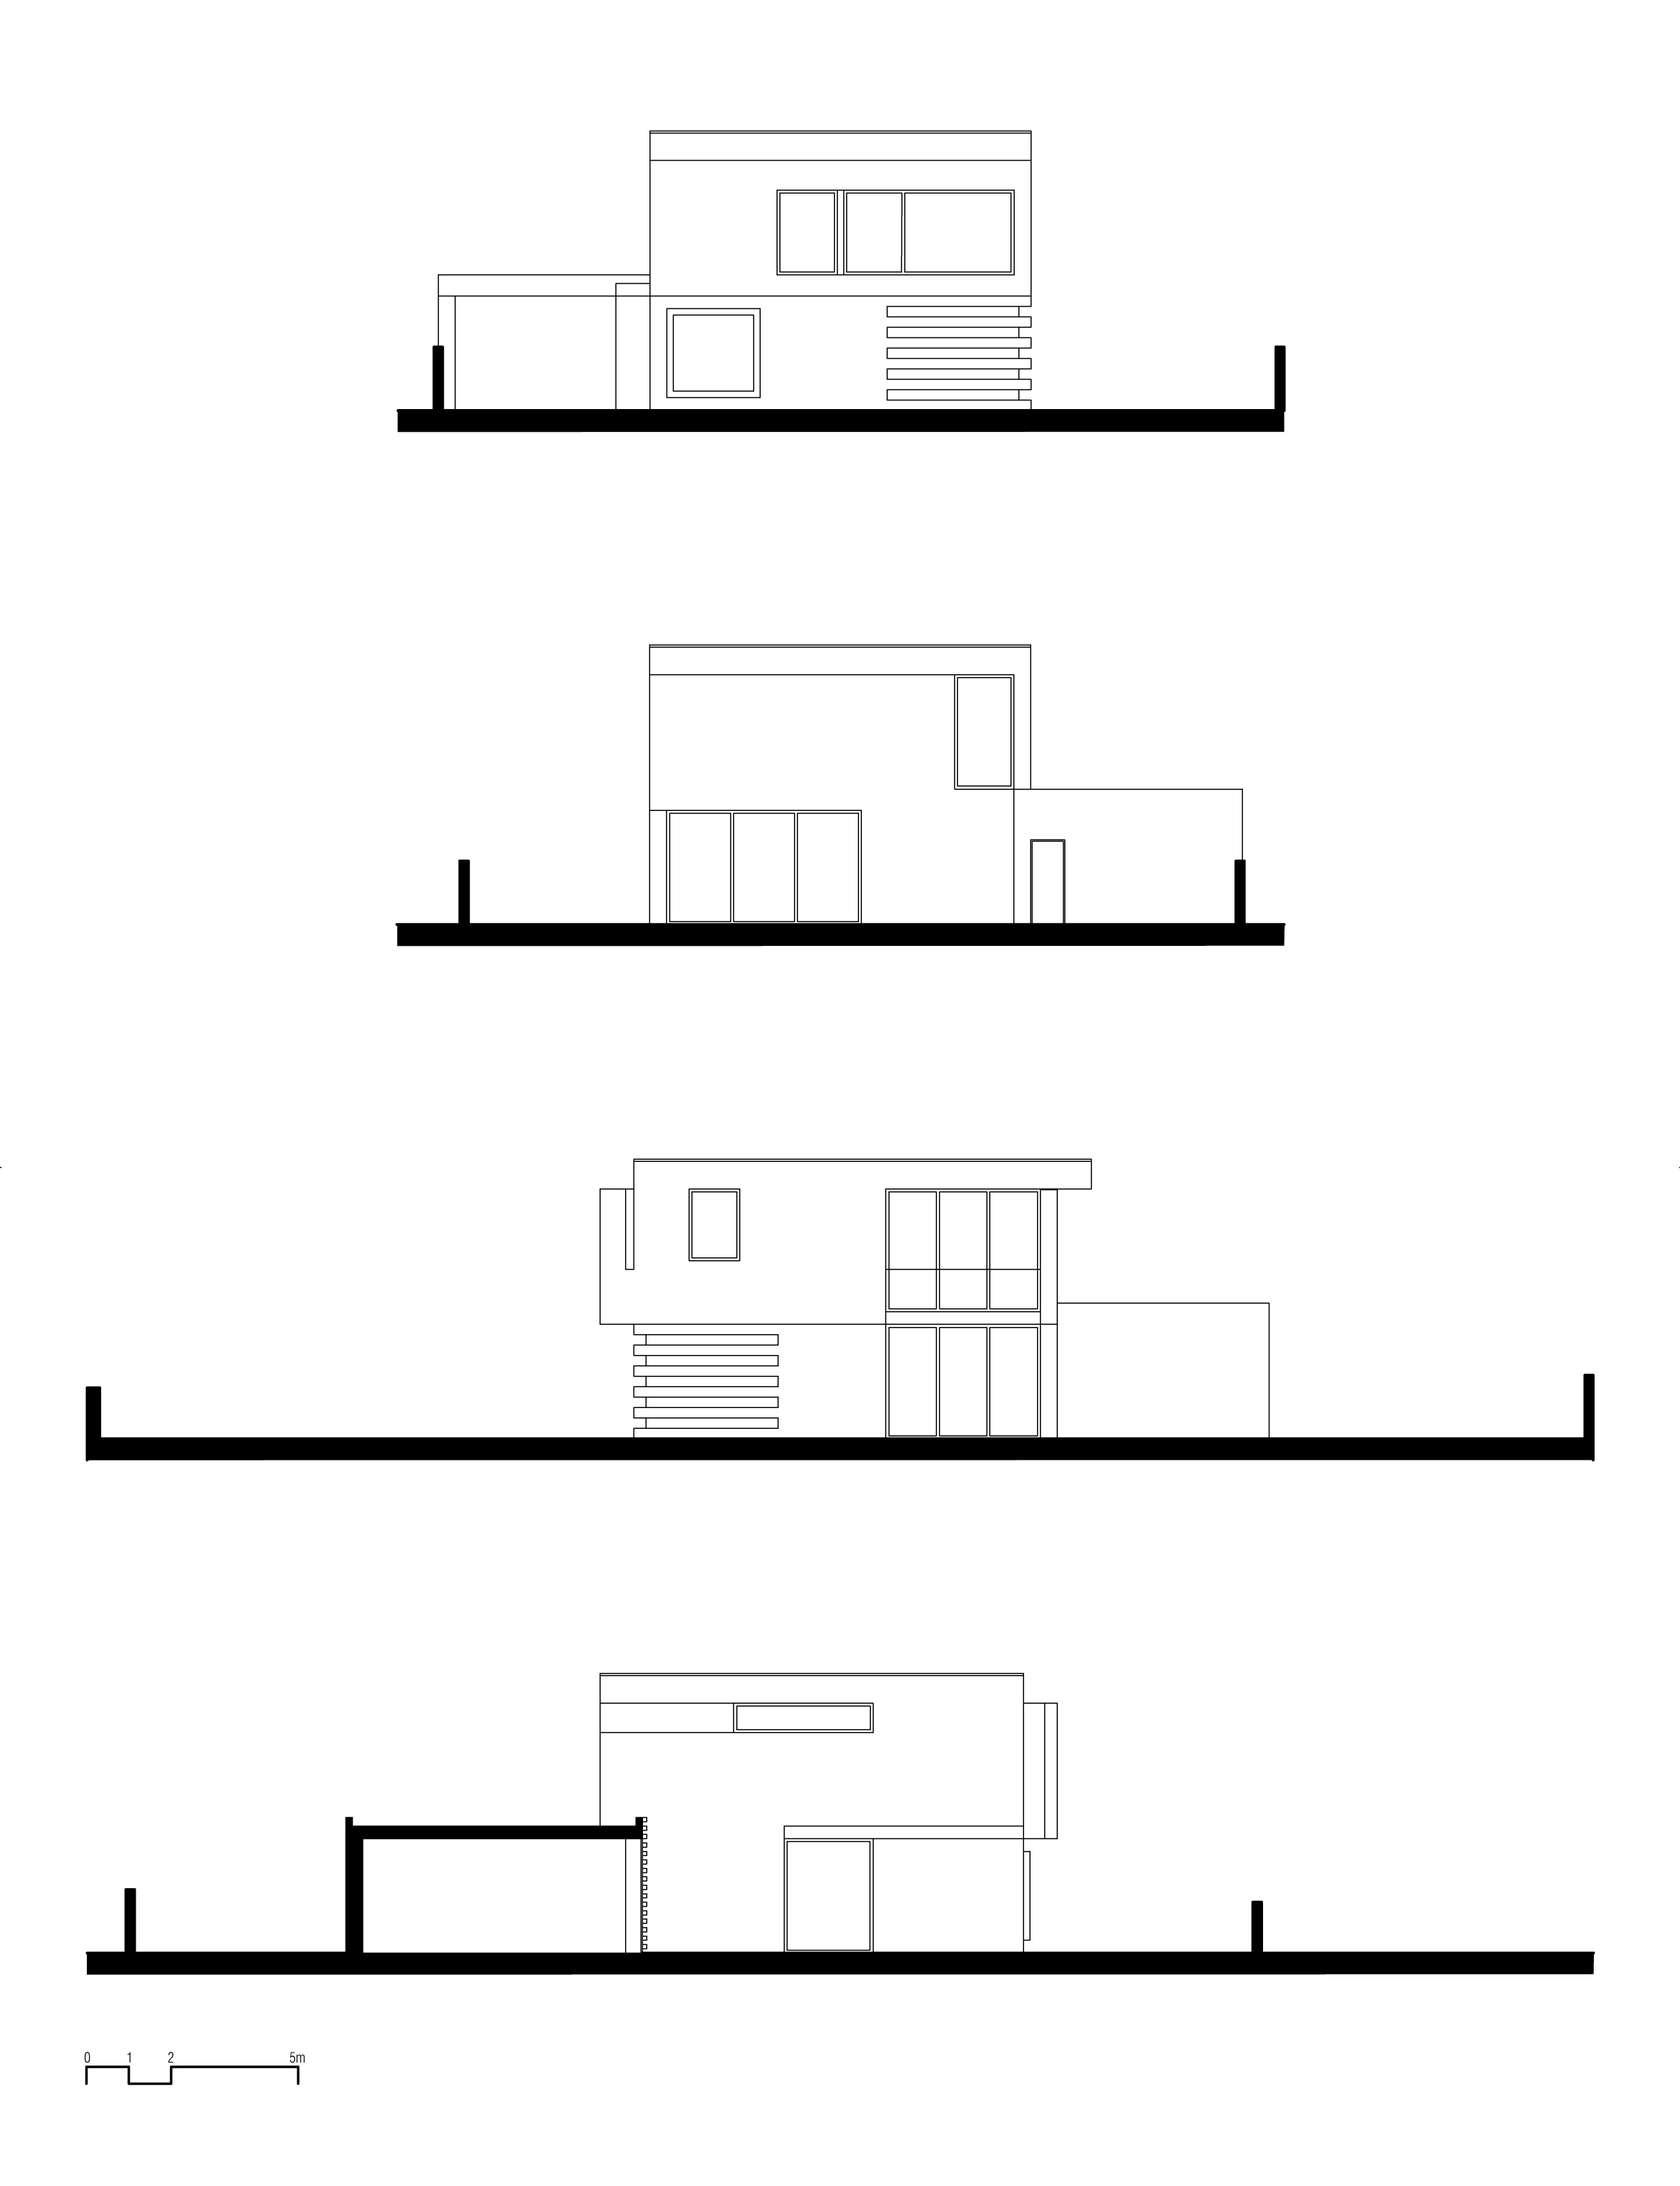 Dise o de casa cuadrada de dos pisos con planos y fachadas for Planos de casas de dos pisos modernas